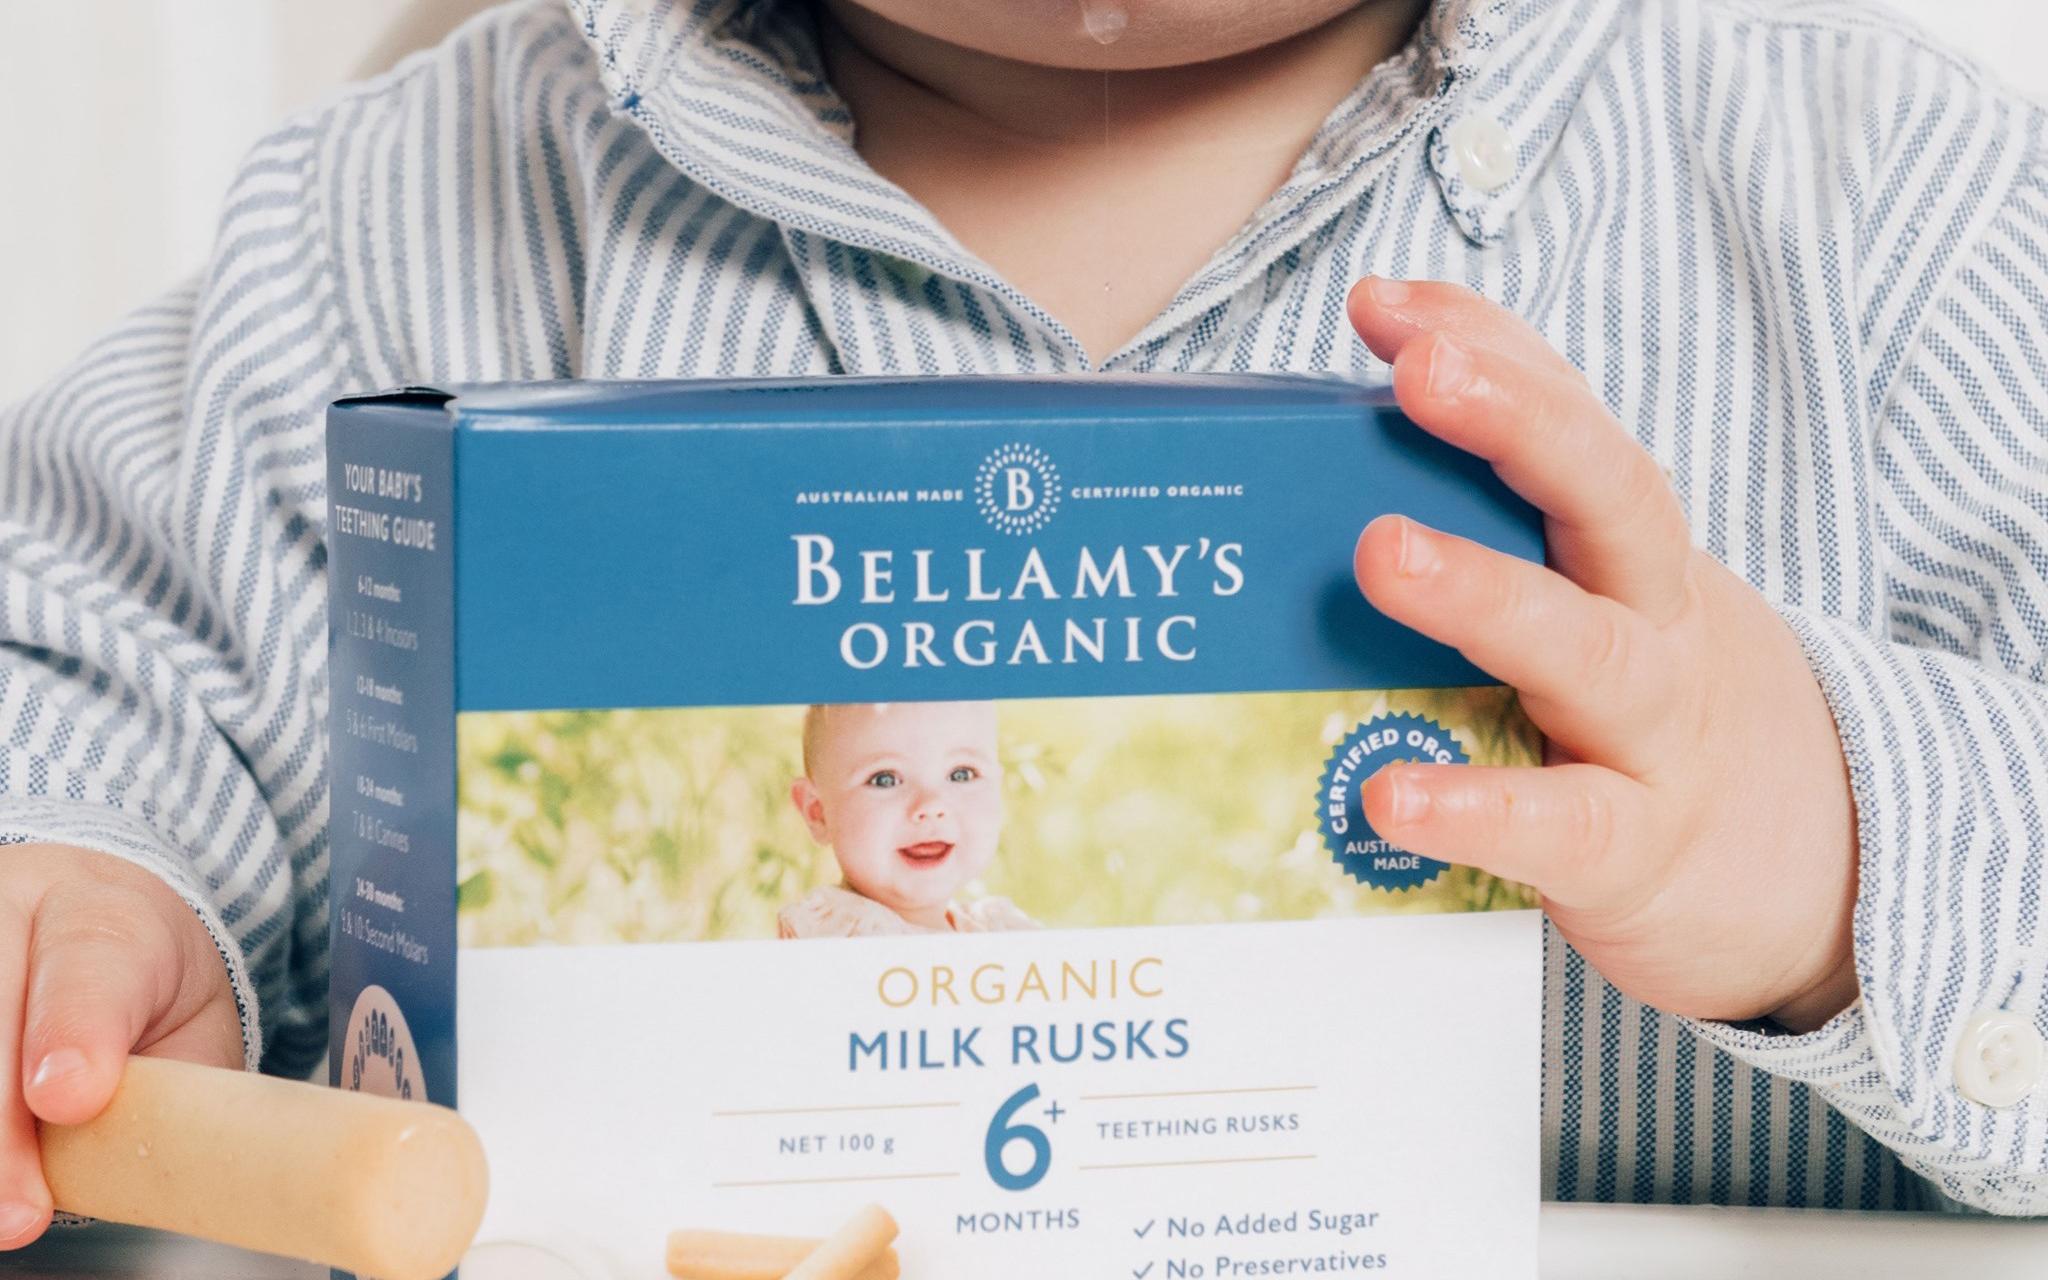 蒙牛计划 15 亿澳元收购澳洲奶粉品牌贝拉米,欲拓展东南亚市场